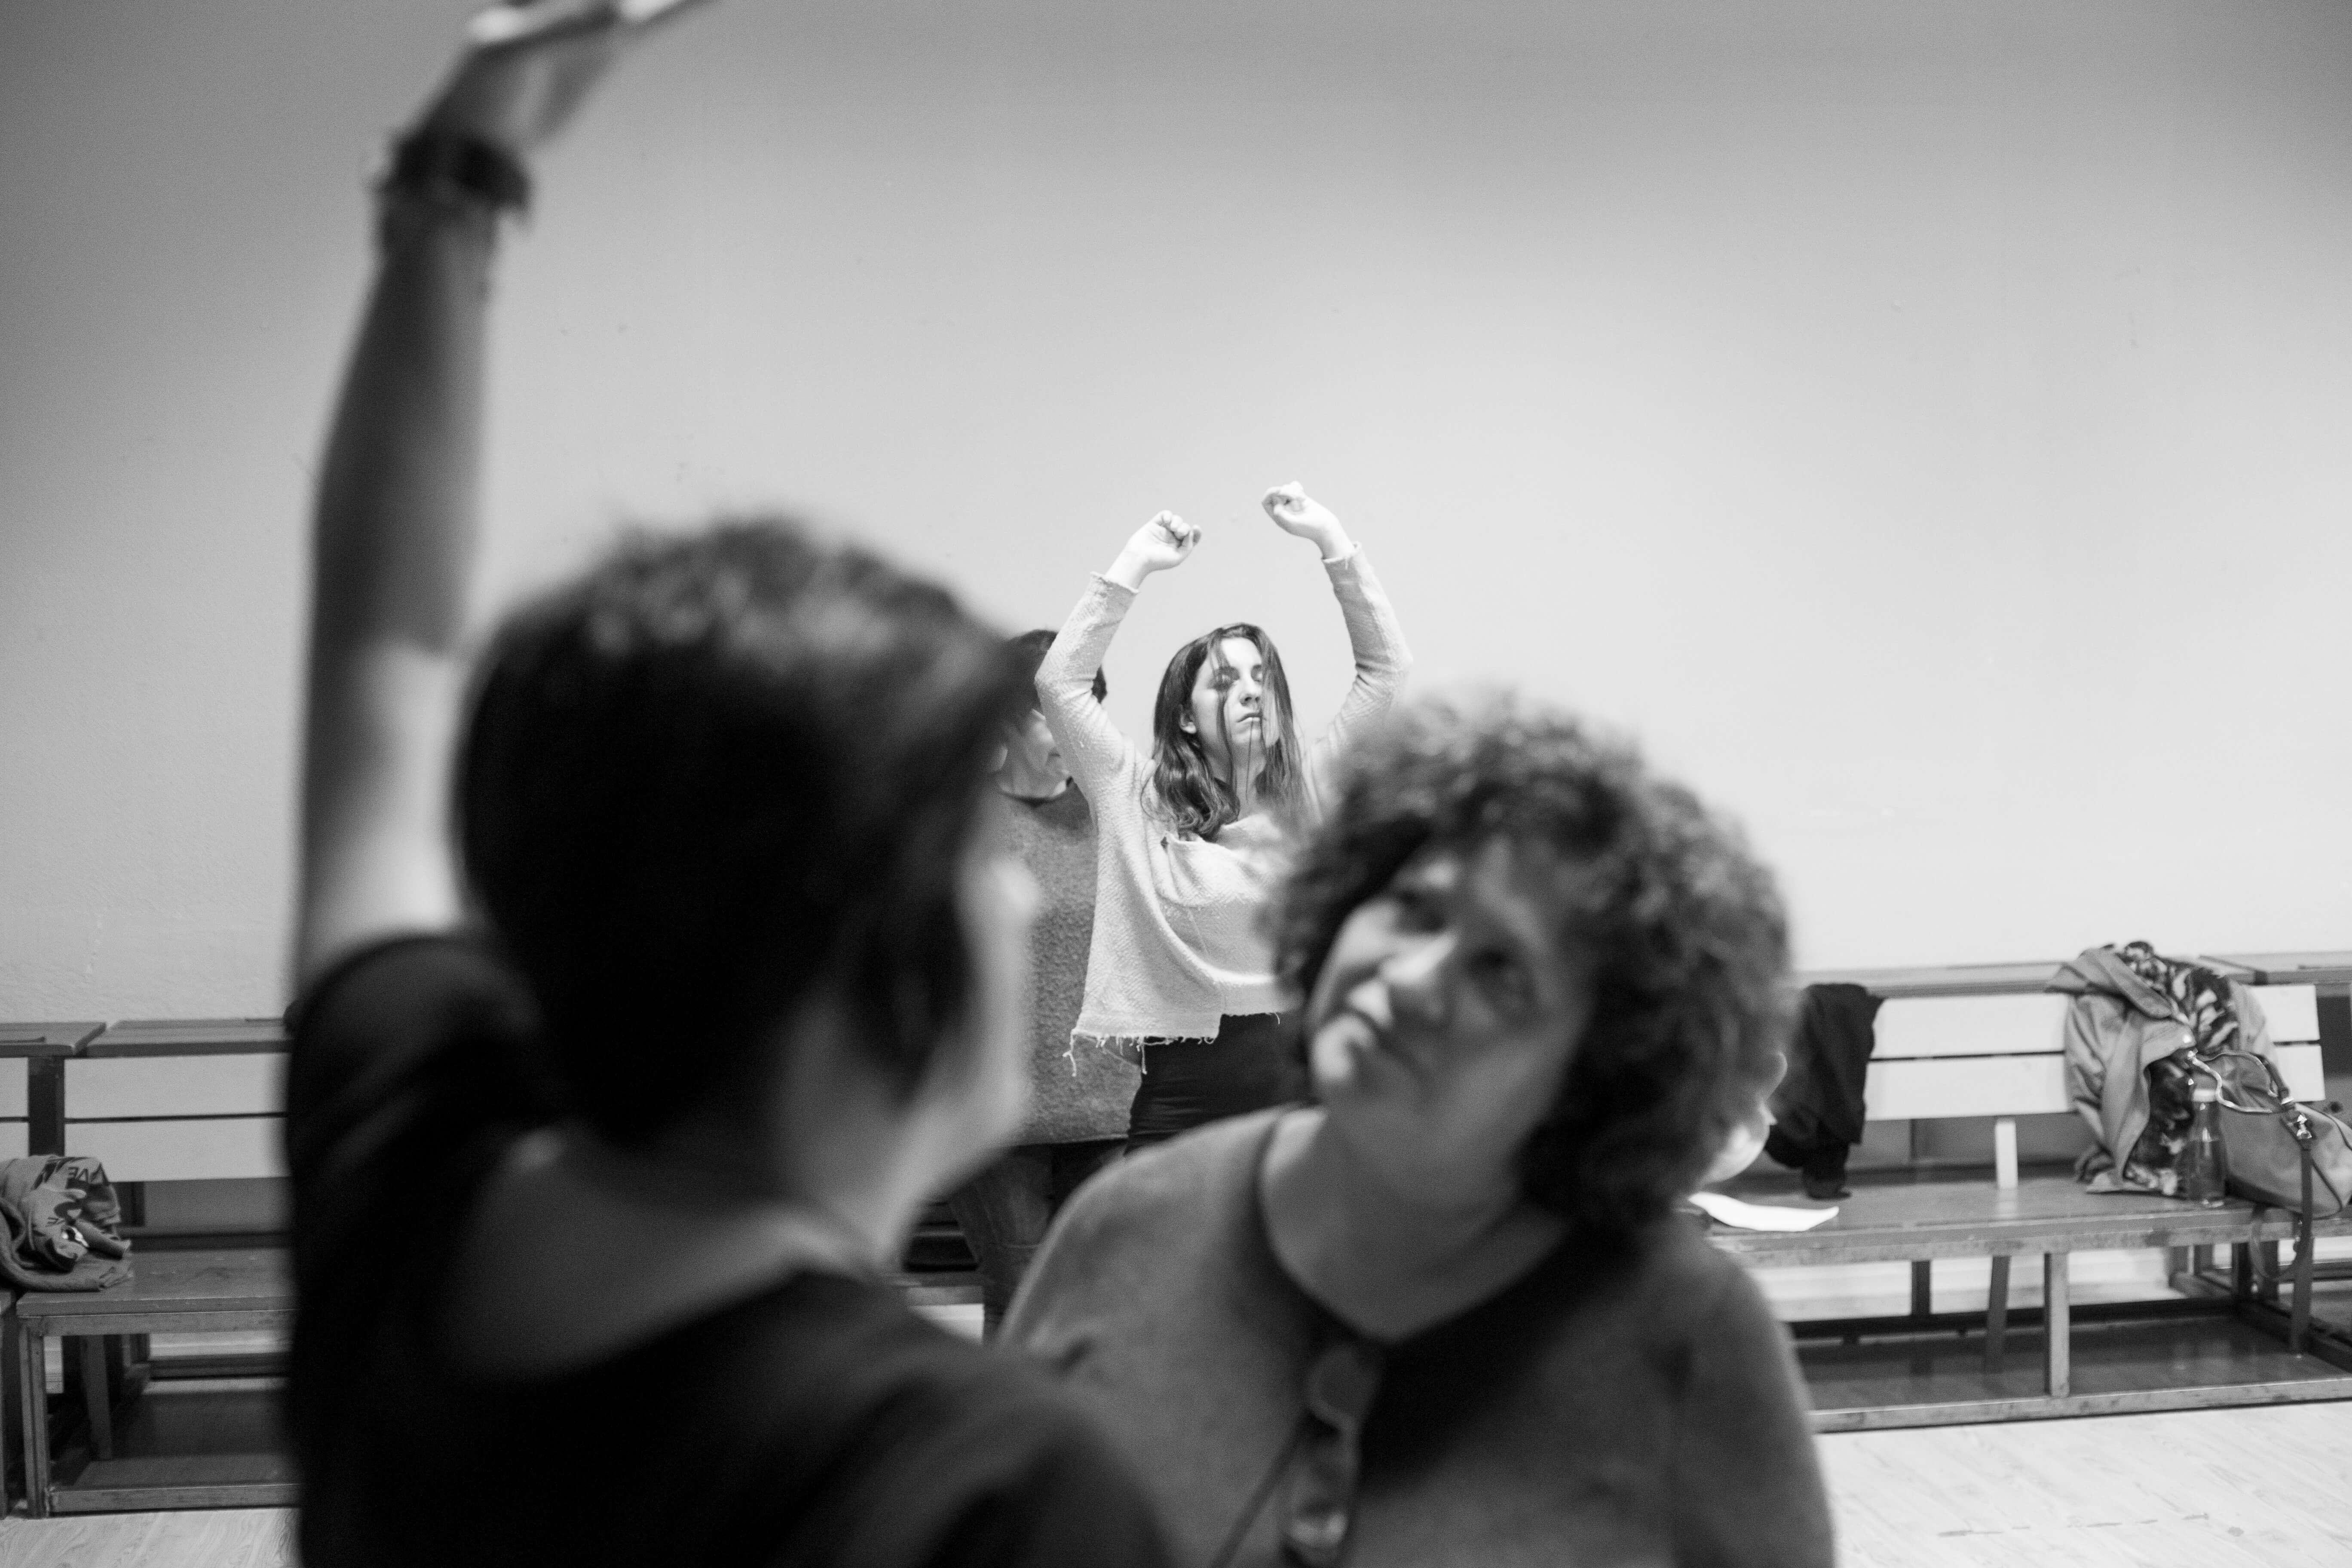 σεμινάρια, θεατρο, 104, πανελλήνιο δίκτυο για το θέατρο στην εκπαίδευση, αθήνα, τεχνοχώρος φάμπρικα, fabrica athens, workshops, 2019, φάνης κατέχος